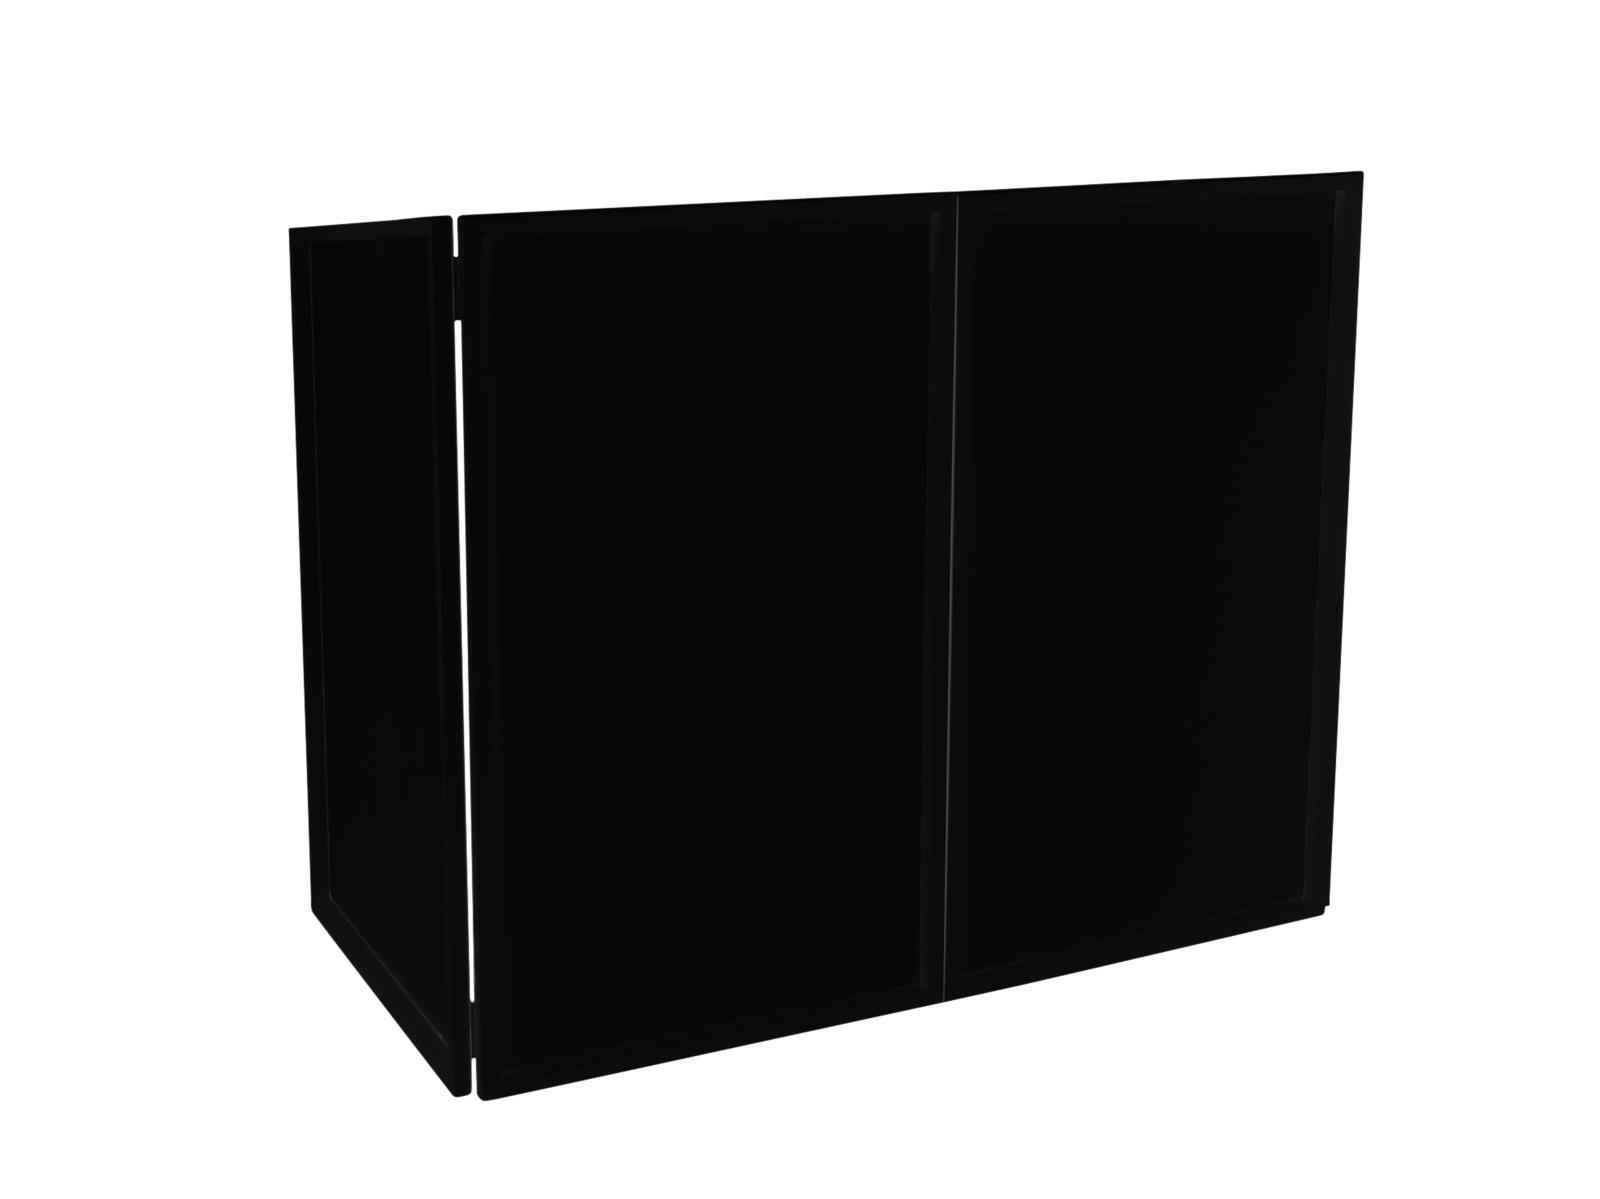 Omnitronic kryt pro DJ Booth, černý